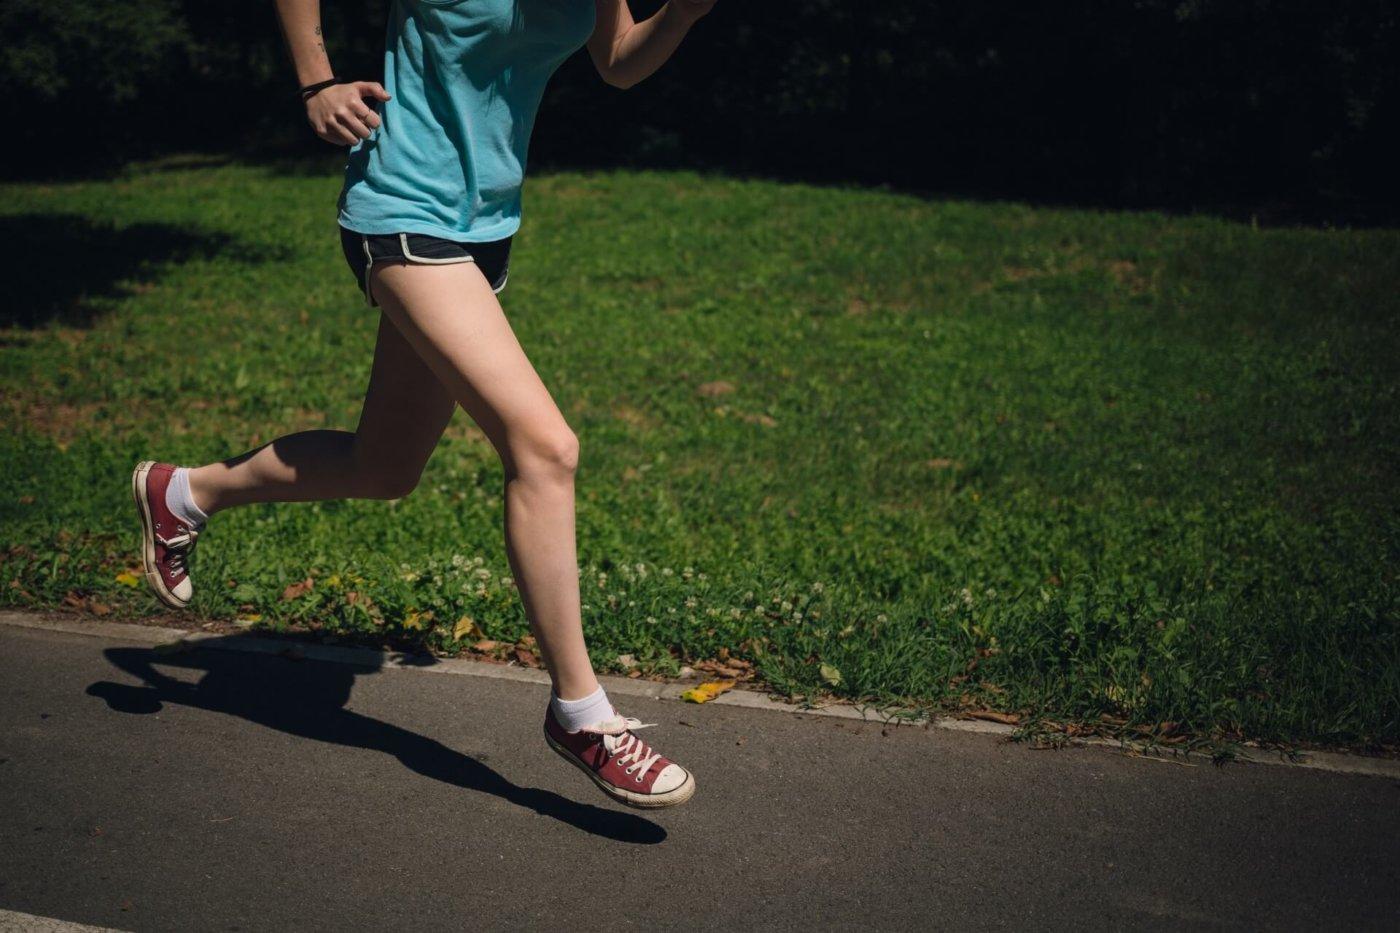 公務員ランナーとしてマラソン界で有名な川内選手